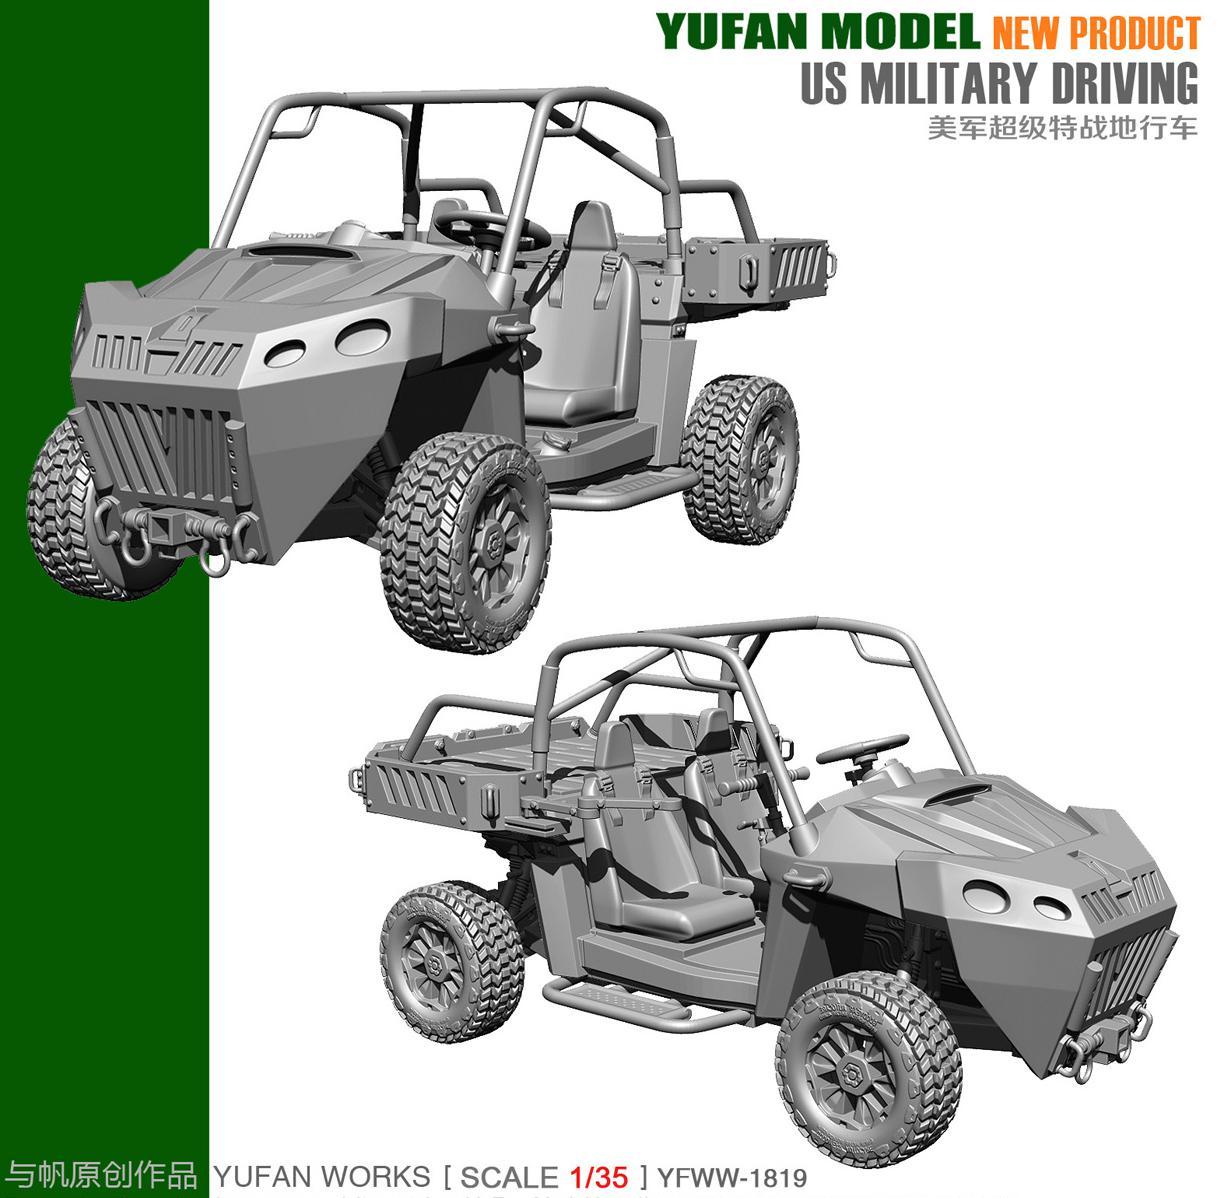 Yufan Model 1/35 Resin Vehicle For Us Terrain Vehicle  Model Kit YFWW35-1819